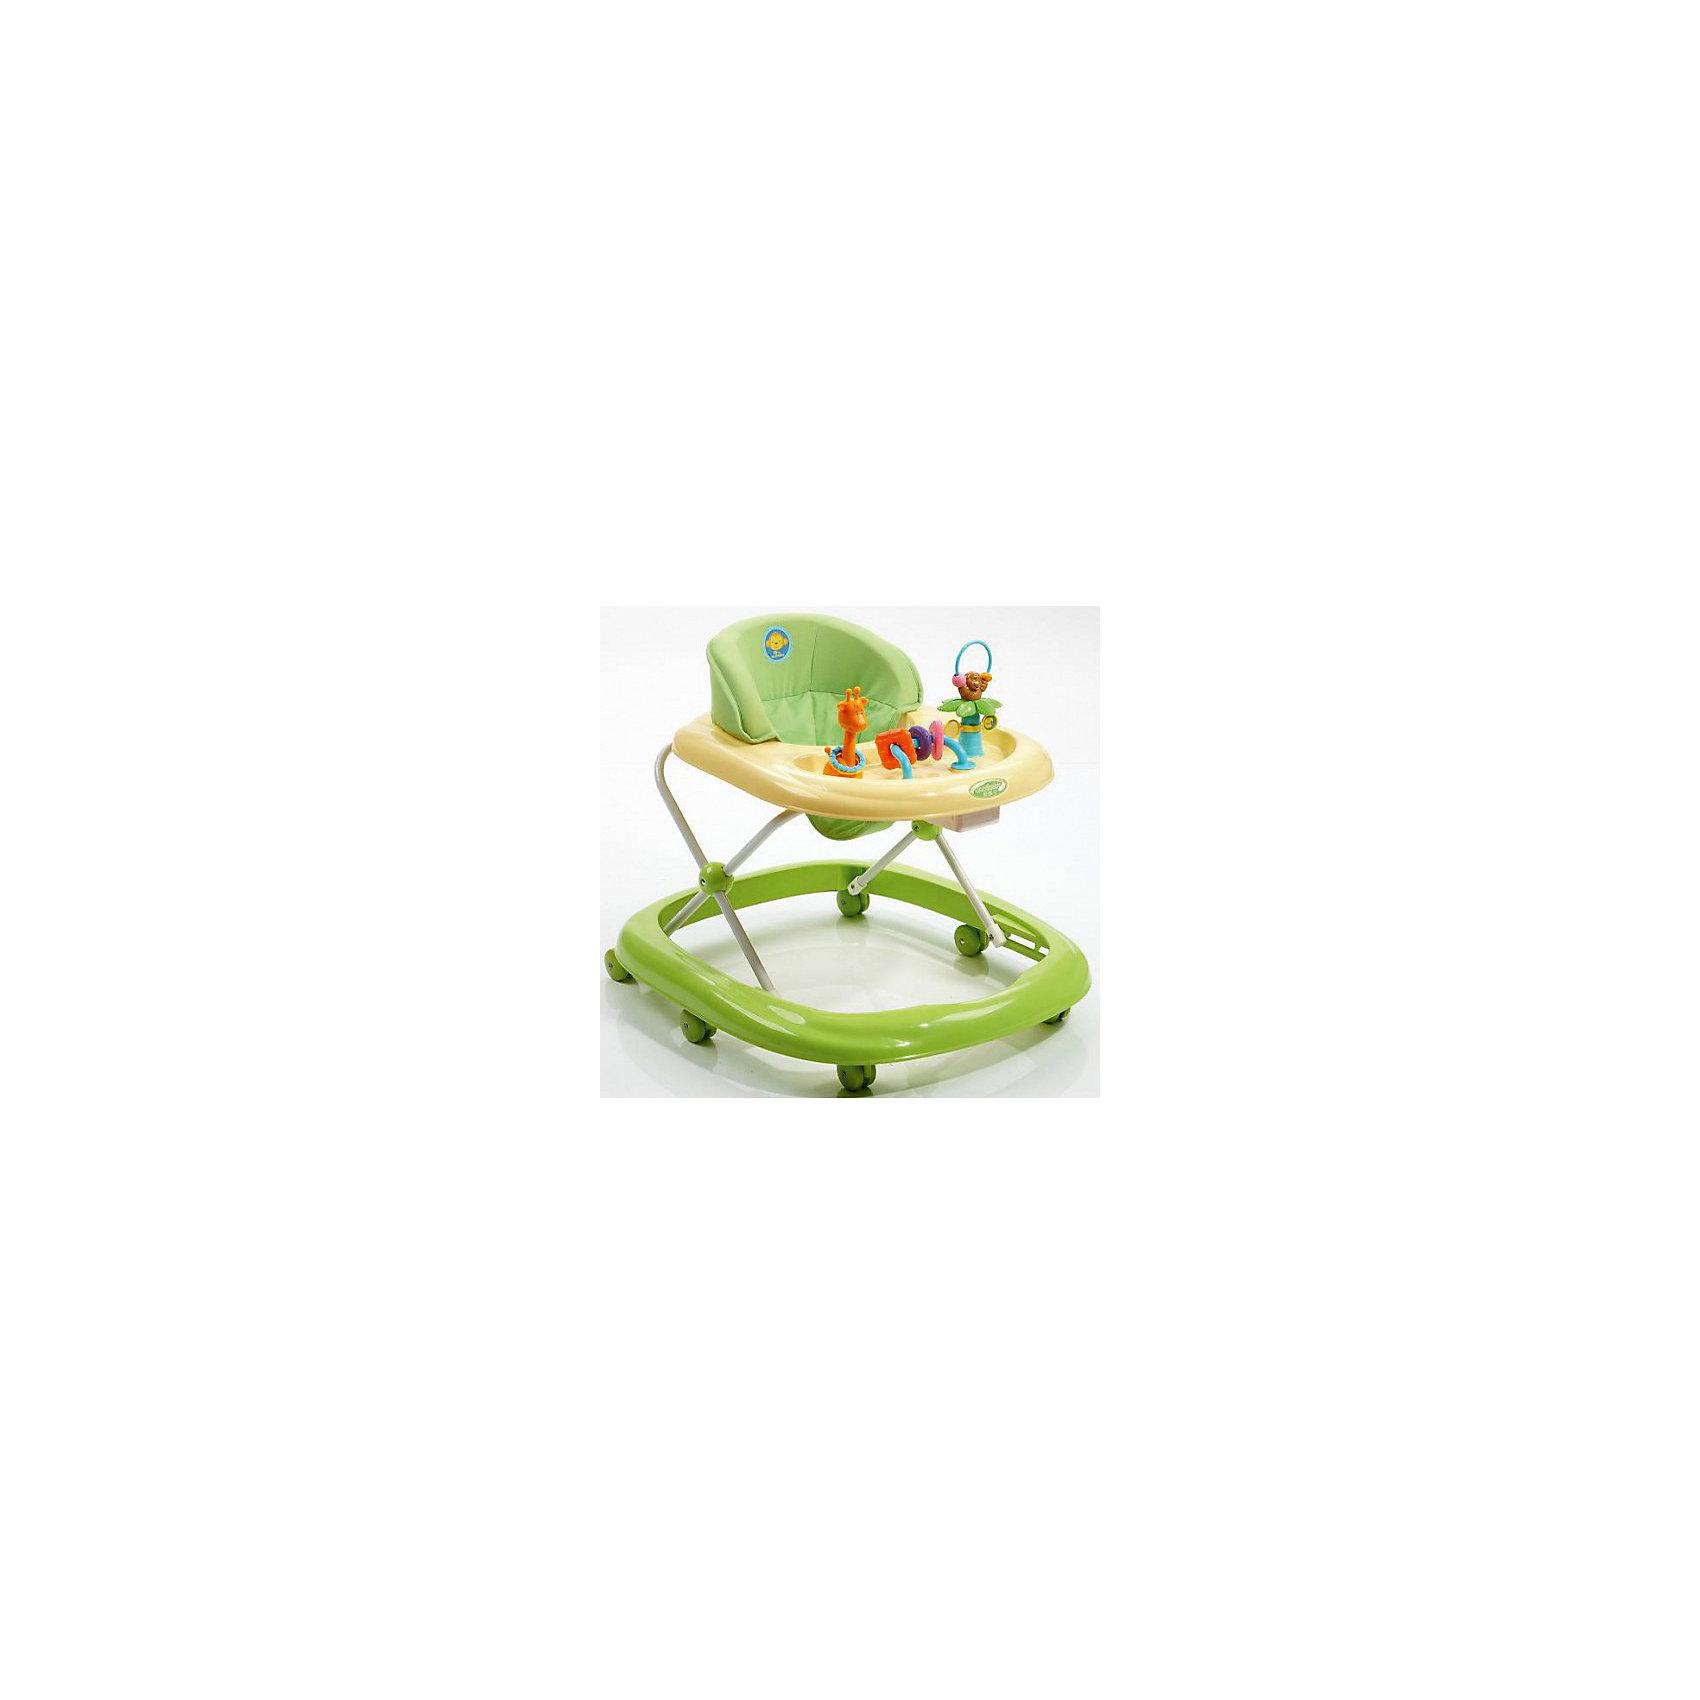 Ходунки 05XB109, Geoby, зелёный с жёлтымХодунки<br>Характеристики:<br><br>• устойчивость конструкции;<br>• сиденье эргономичной формы, спинка;<br>• мягкая подкладка на жесткой основе;<br>• игровая панель с развивающими игрушками;<br>• поворотные сдвоенные колесики;<br>• размер упаковки: 71,5х14х63,5 см;<br>• вес: 4,3 кг.<br><br>Устойчивые ходунки на колесиках позволяют ребенку без труда перемещаться по дому, исследовать окружающий мир. Свобода действия и двигательная активность поможет развить координацию, ориентир в пространстве, стремление к преодолению препятствий. <br><br>Ходунки 05XB109, Geoby, цвет зелёный с жёлтым можно купить в нашем интернет-магазине.<br><br>Ширина мм: 715<br>Глубина мм: 140<br>Высота мм: 635<br>Вес г: 4300<br>Возраст от месяцев: 6<br>Возраст до месяцев: 18<br>Пол: Унисекс<br>Возраст: Детский<br>SKU: 5500338